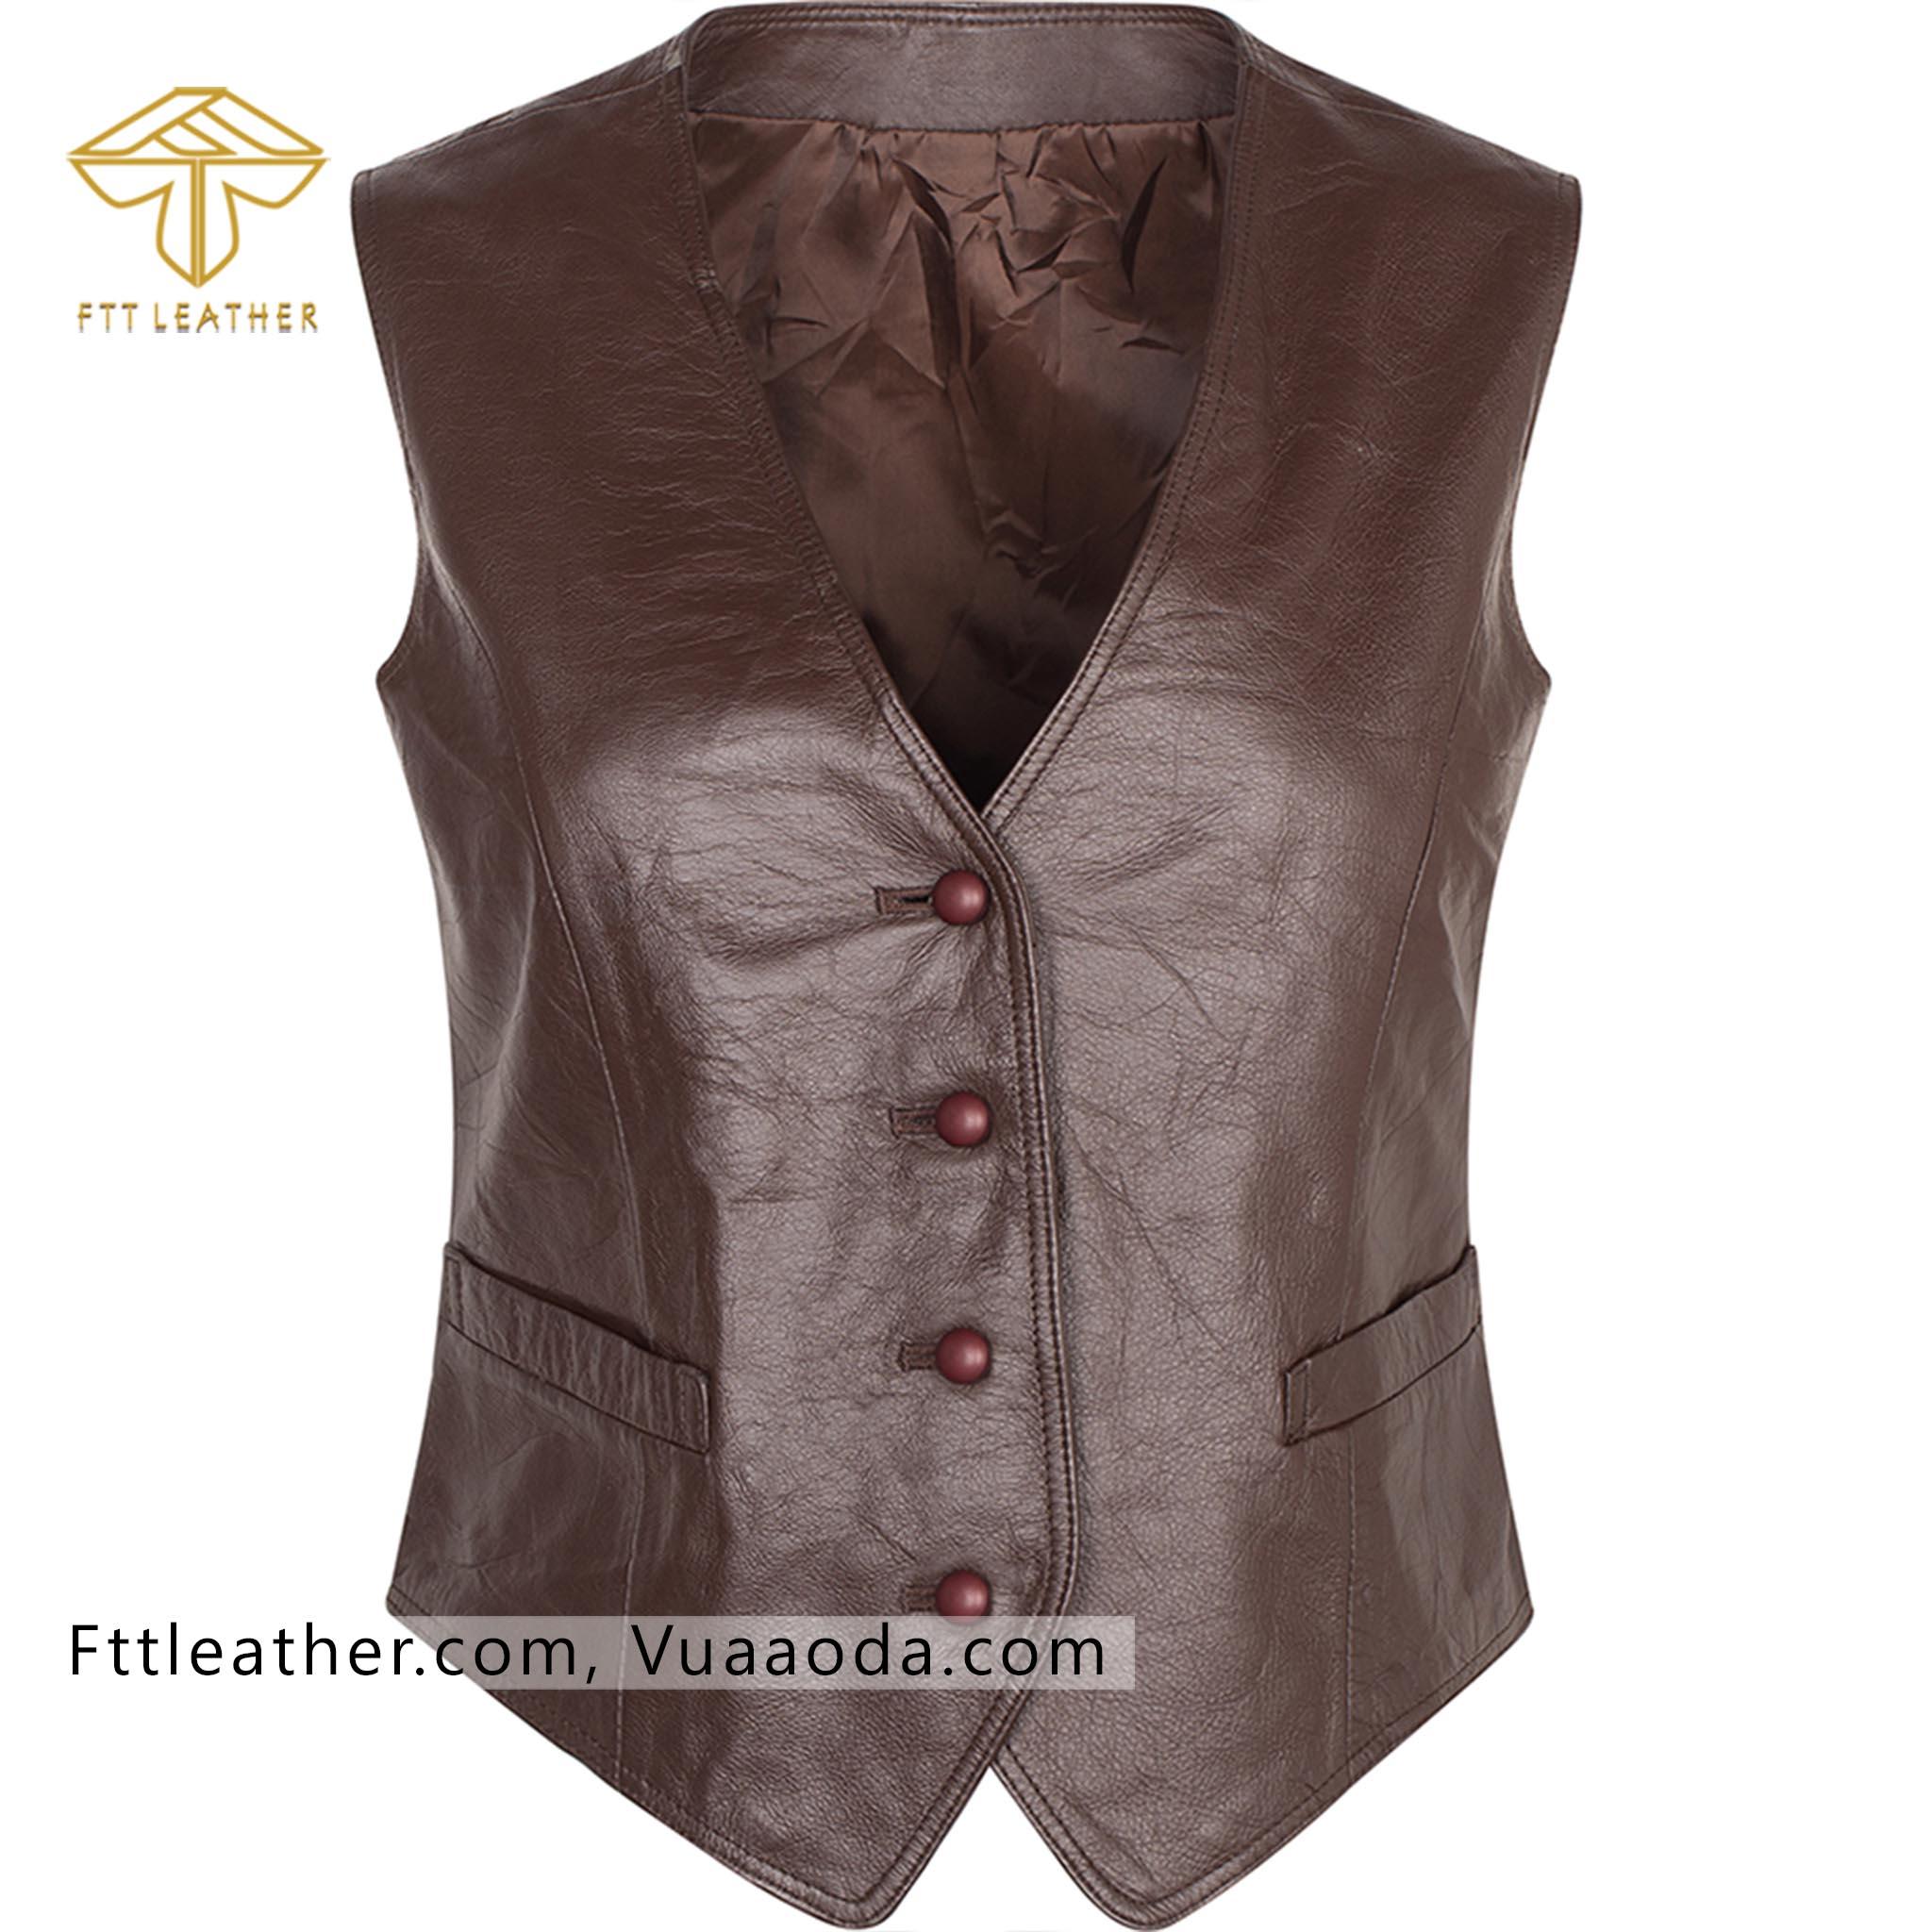 Áo Gilet da bò - áo da nữ màu hạt rẻ RE N2